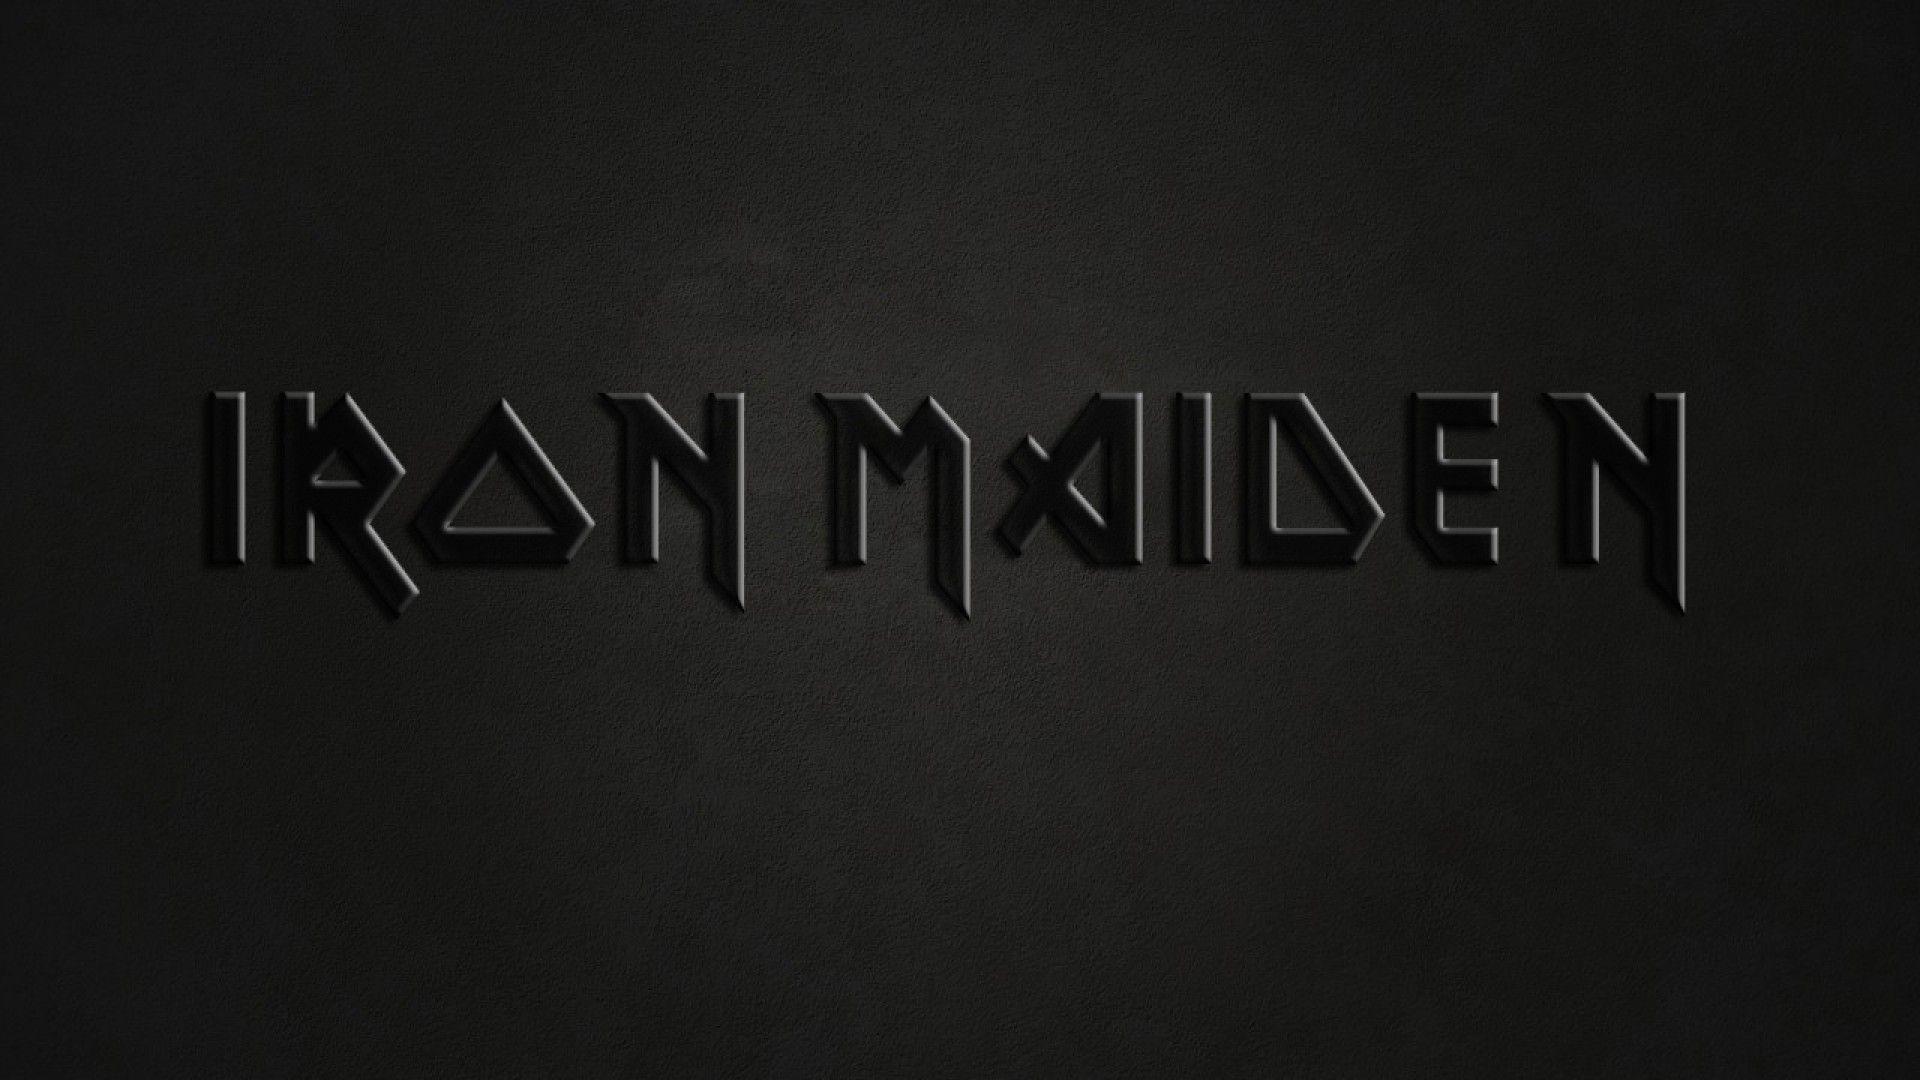 75 Iron Maiden Wallpaper 1920 1080